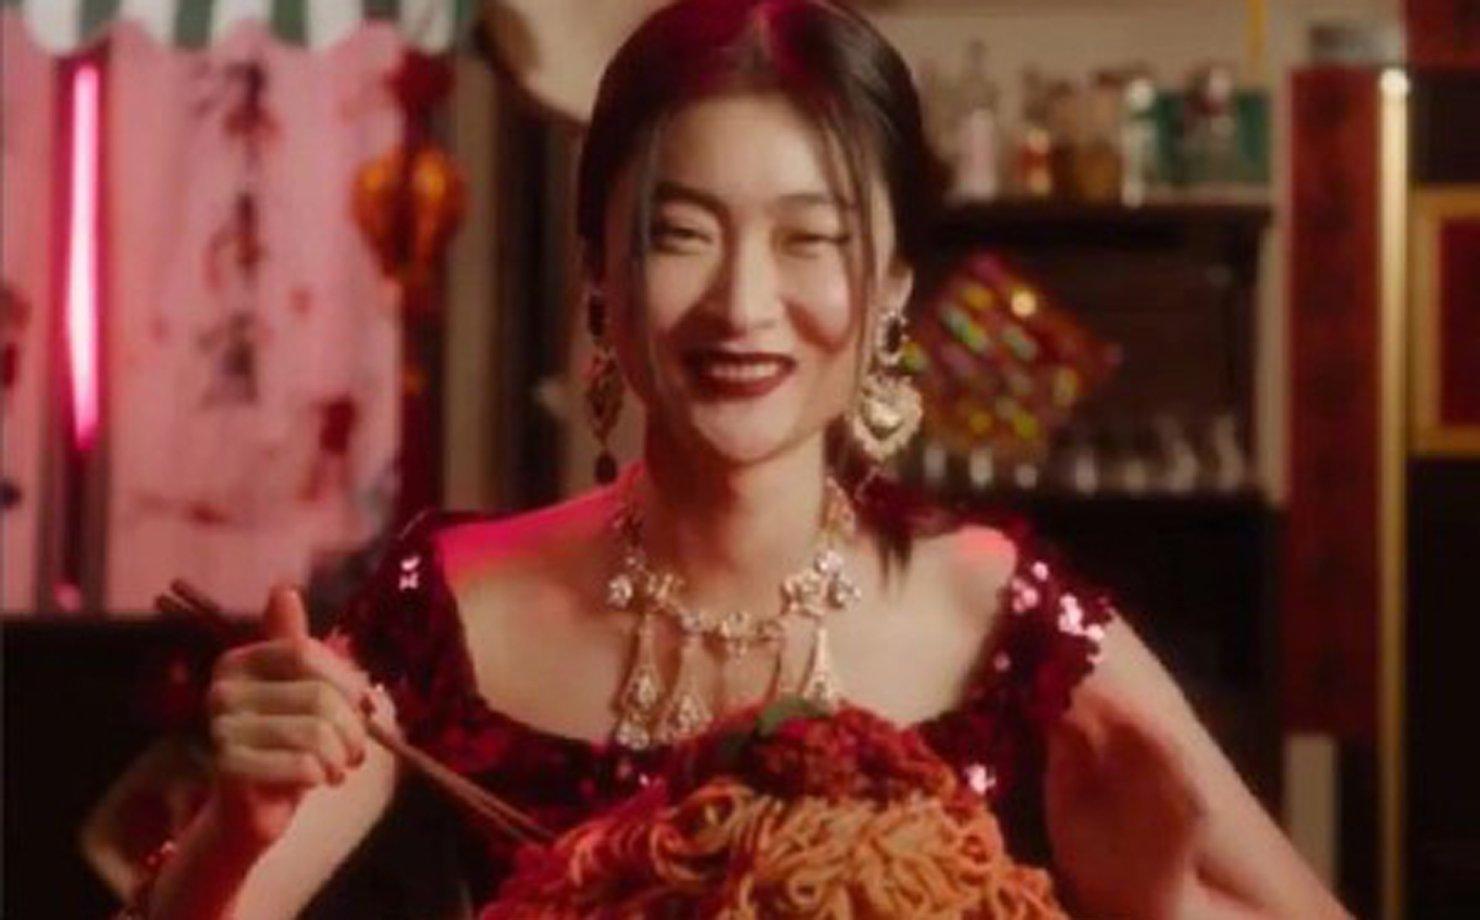 Chinesa em suposto vídeo publicitário da Dolce & Gabbana